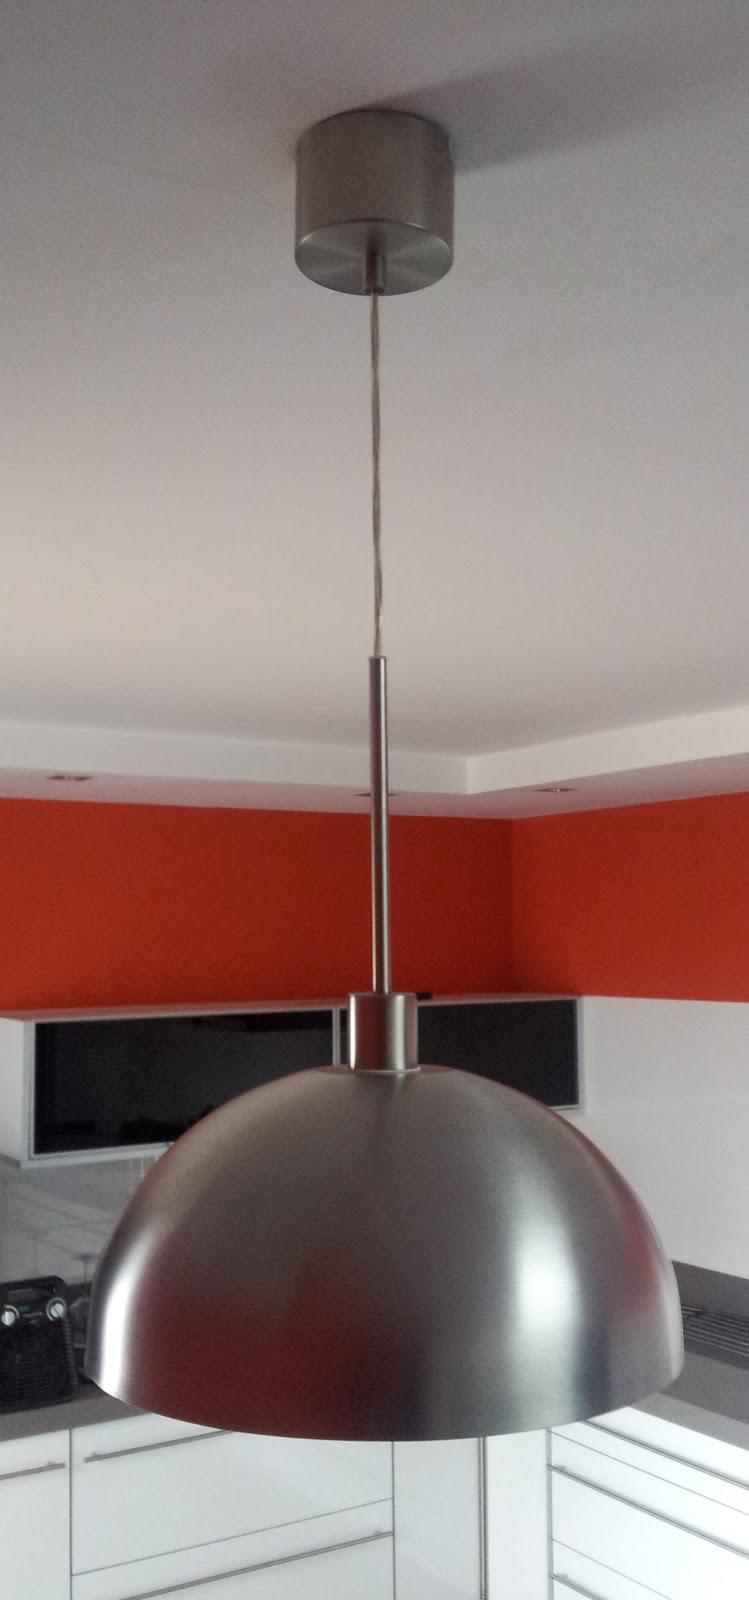 Ikea hack c mo hacer una l mpara de cocina con un bol - Lamparas cocina ikea ...